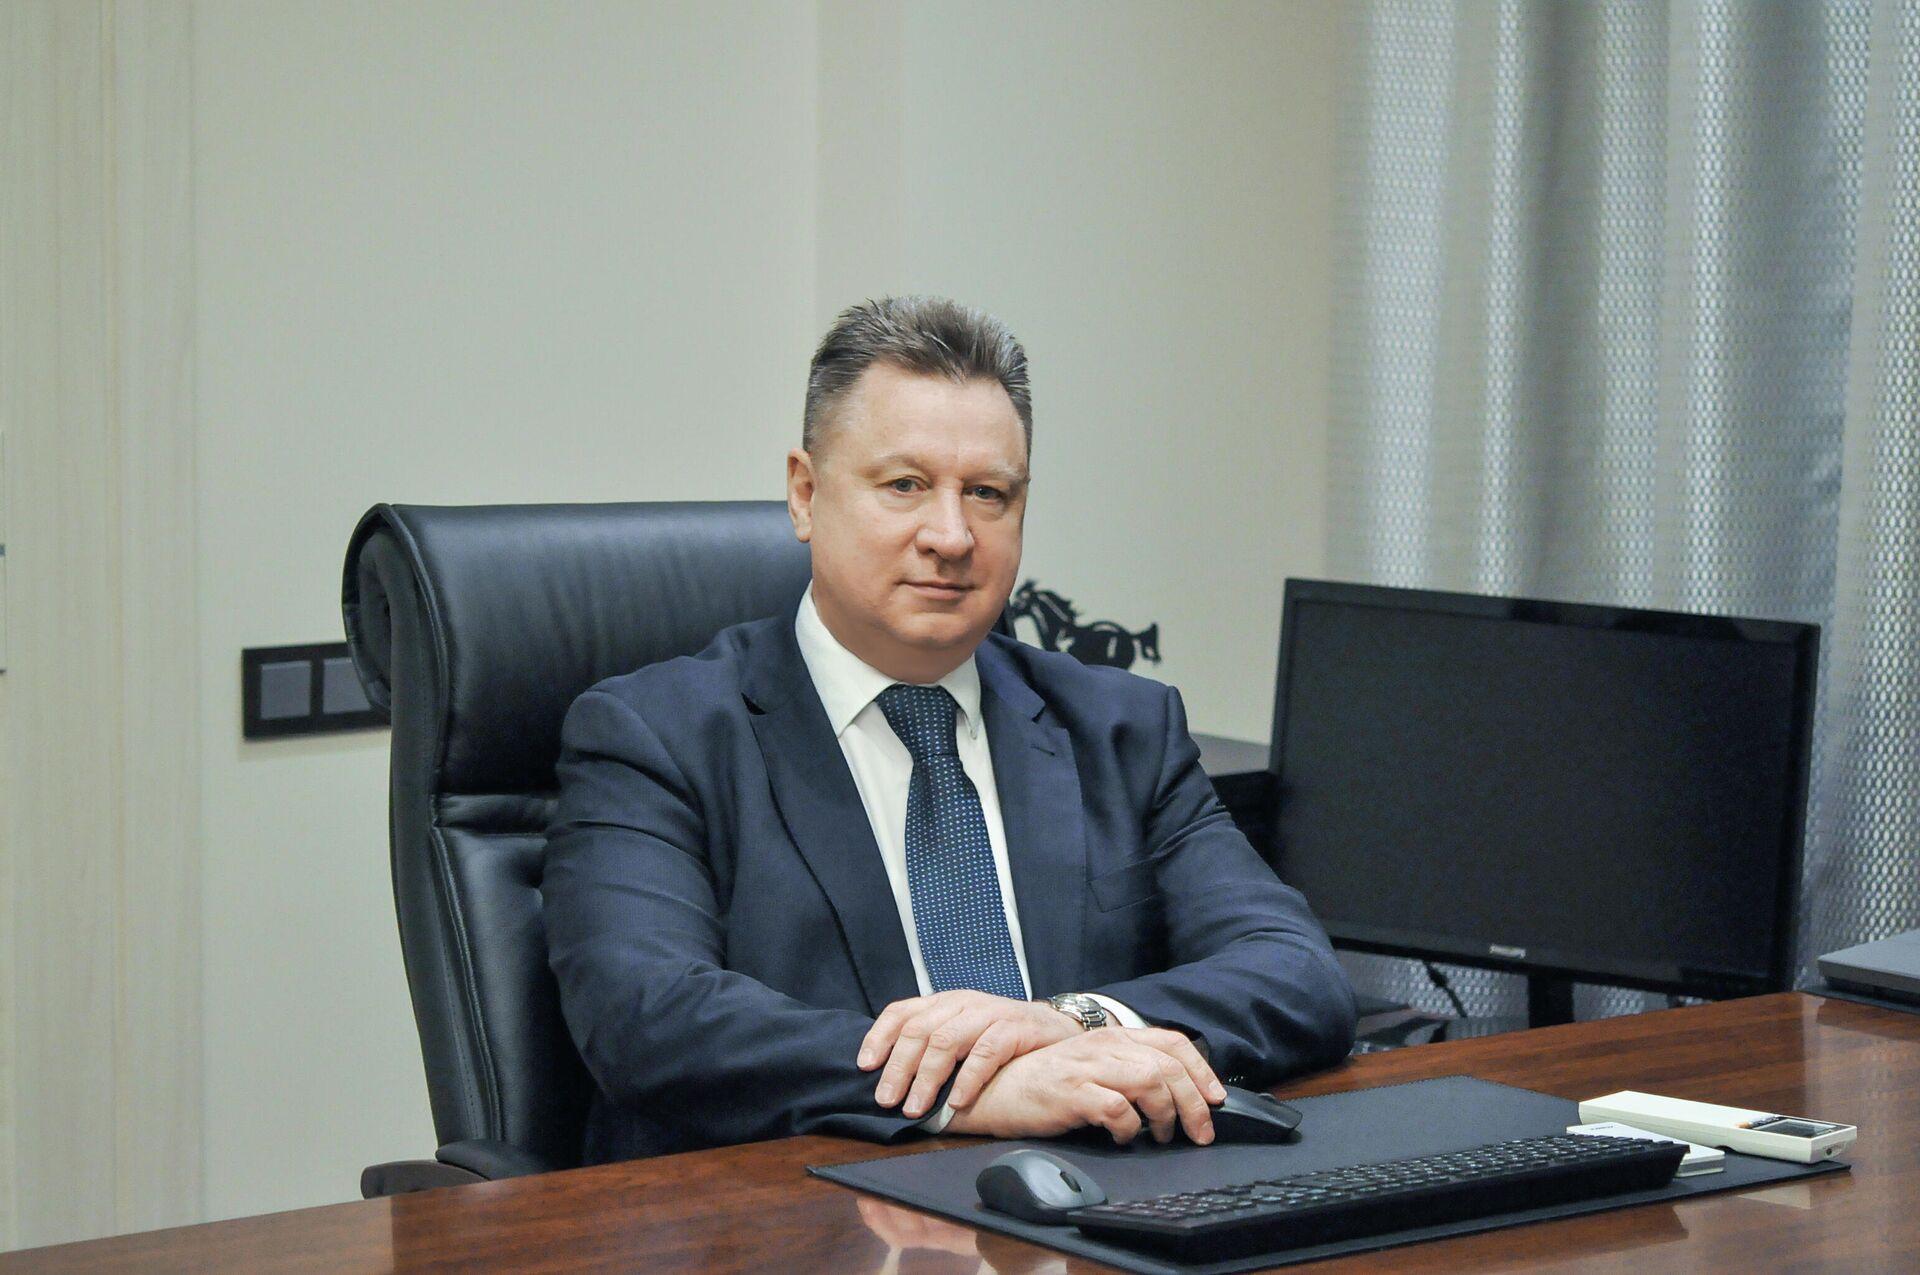 Генеральный директор НИИ Полюс, доктор технических наук, профессор Евгений Кузнецов - РИА Новости, 1920, 29.04.2021